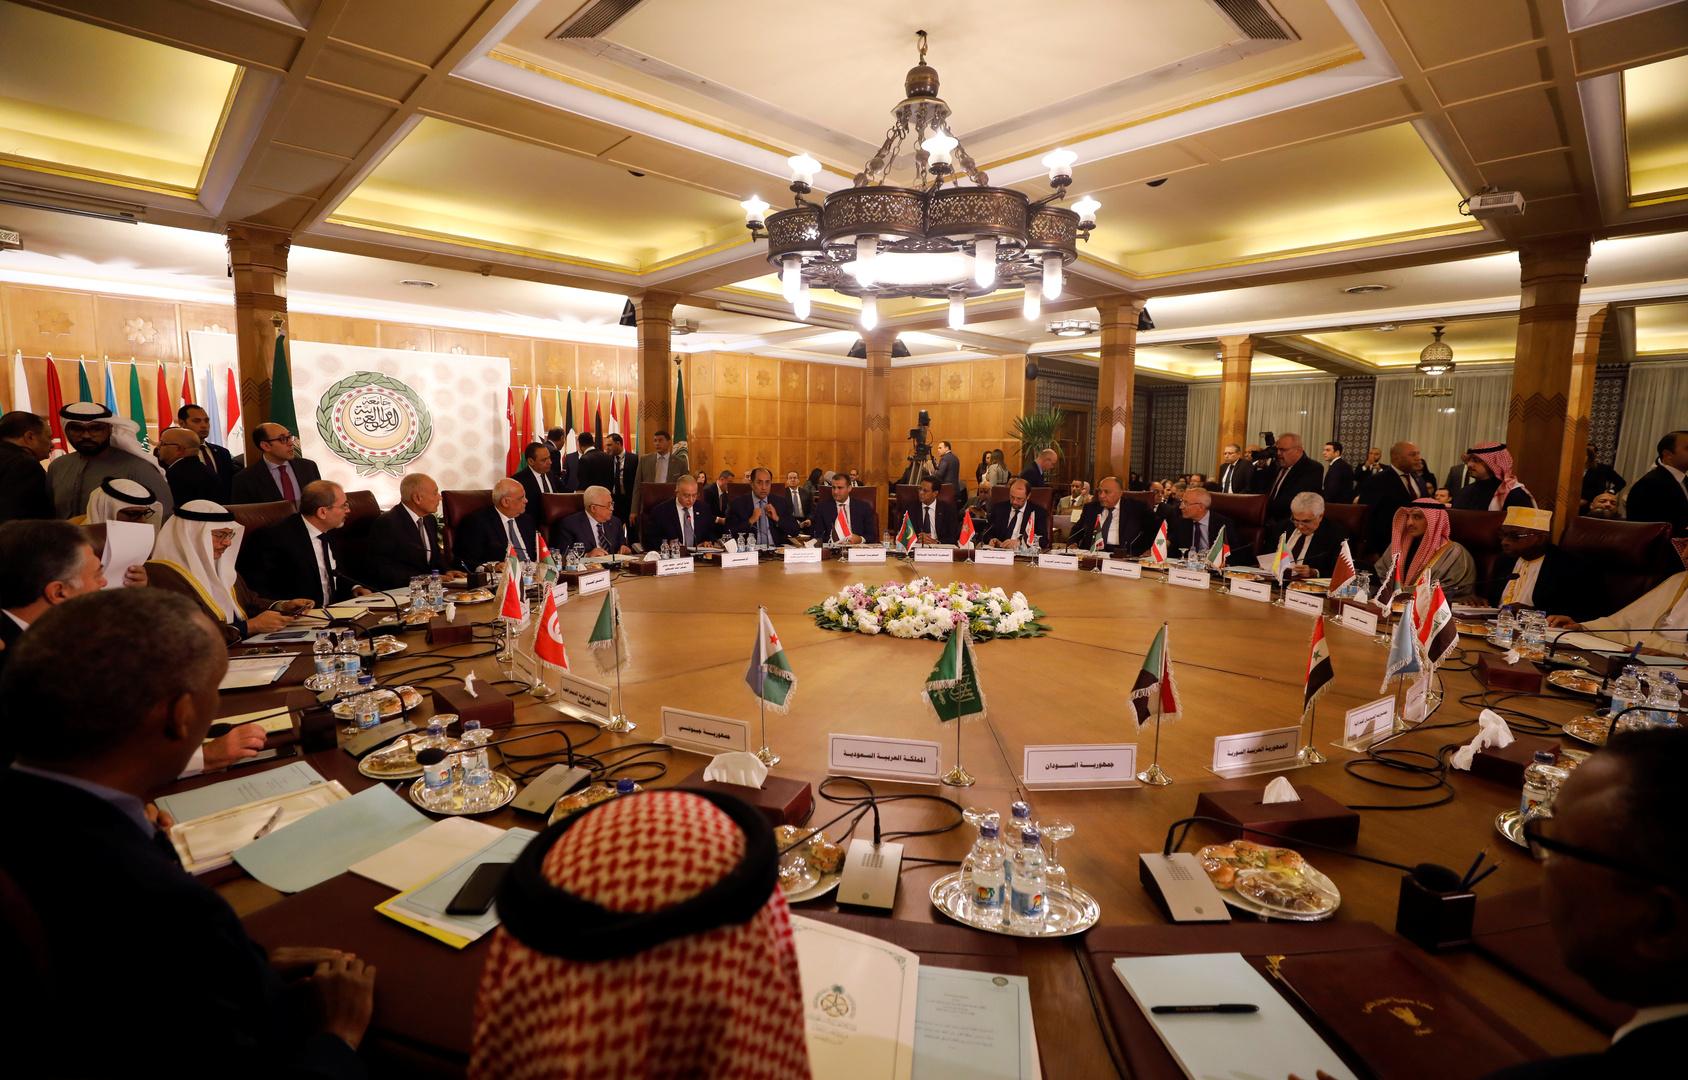 الجامعة العربية تؤكد استعدادها  للتدخل لمساعدة لبنان على تجاوز الأزمة الراهنة